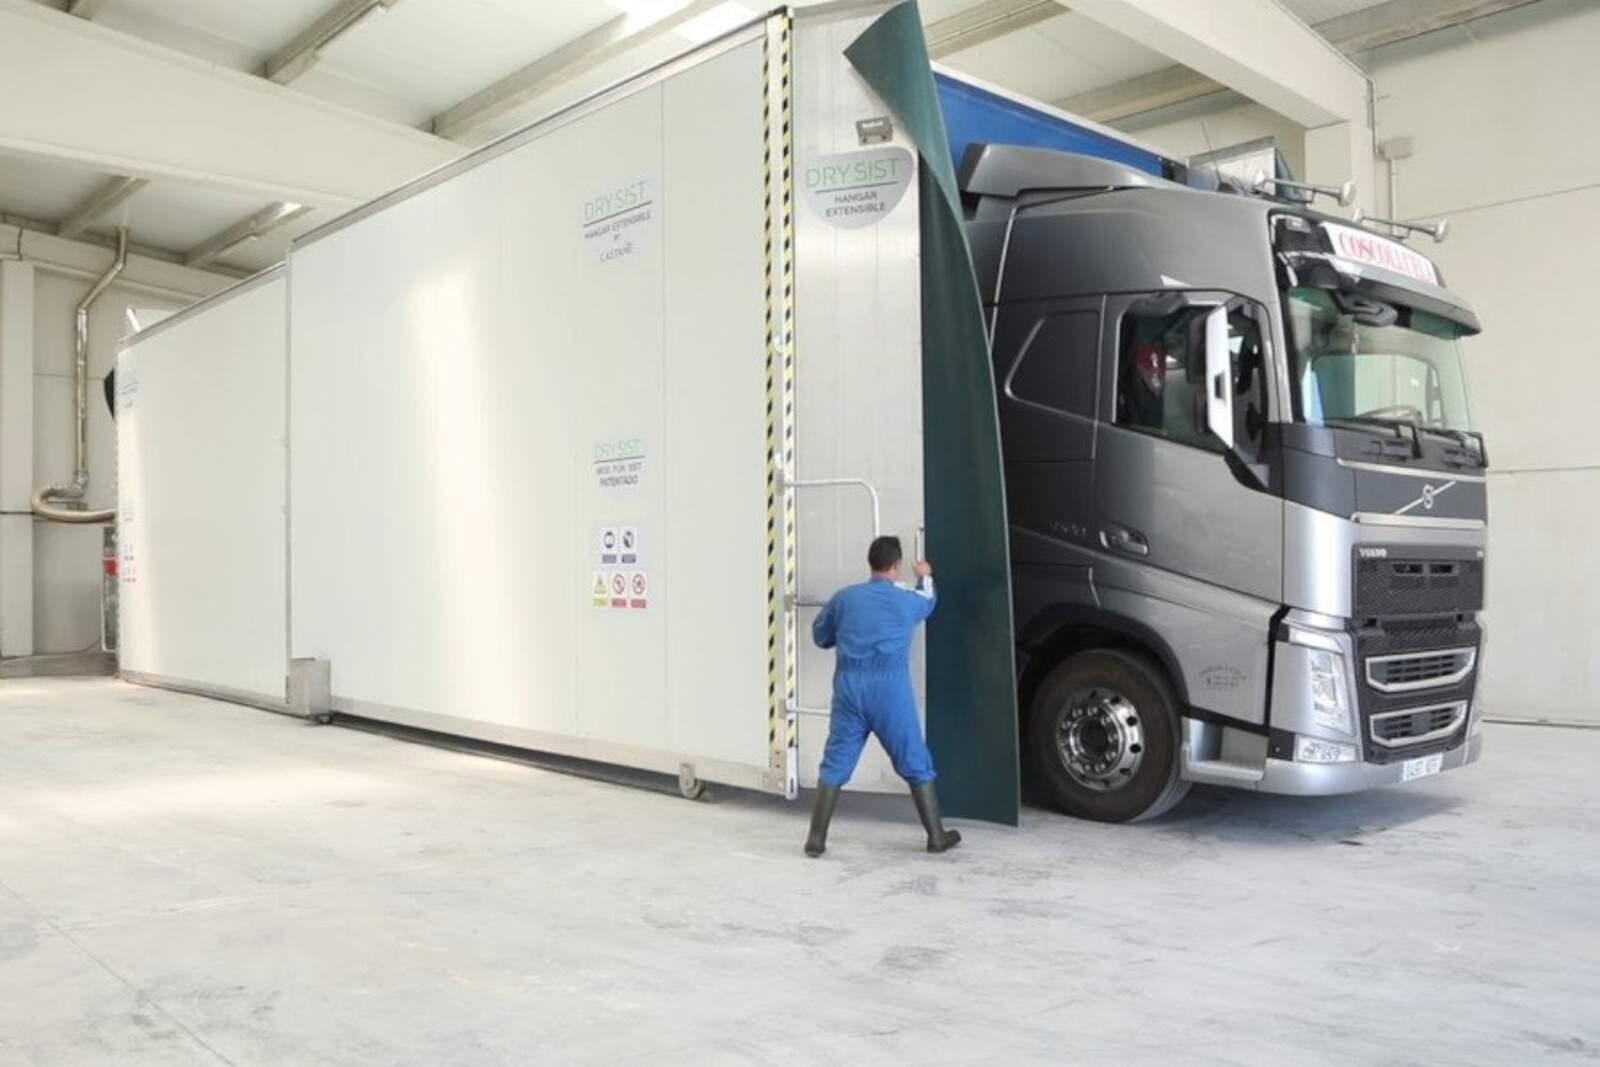 Un camió sent desinfectat mitjançant el sistema Drysist